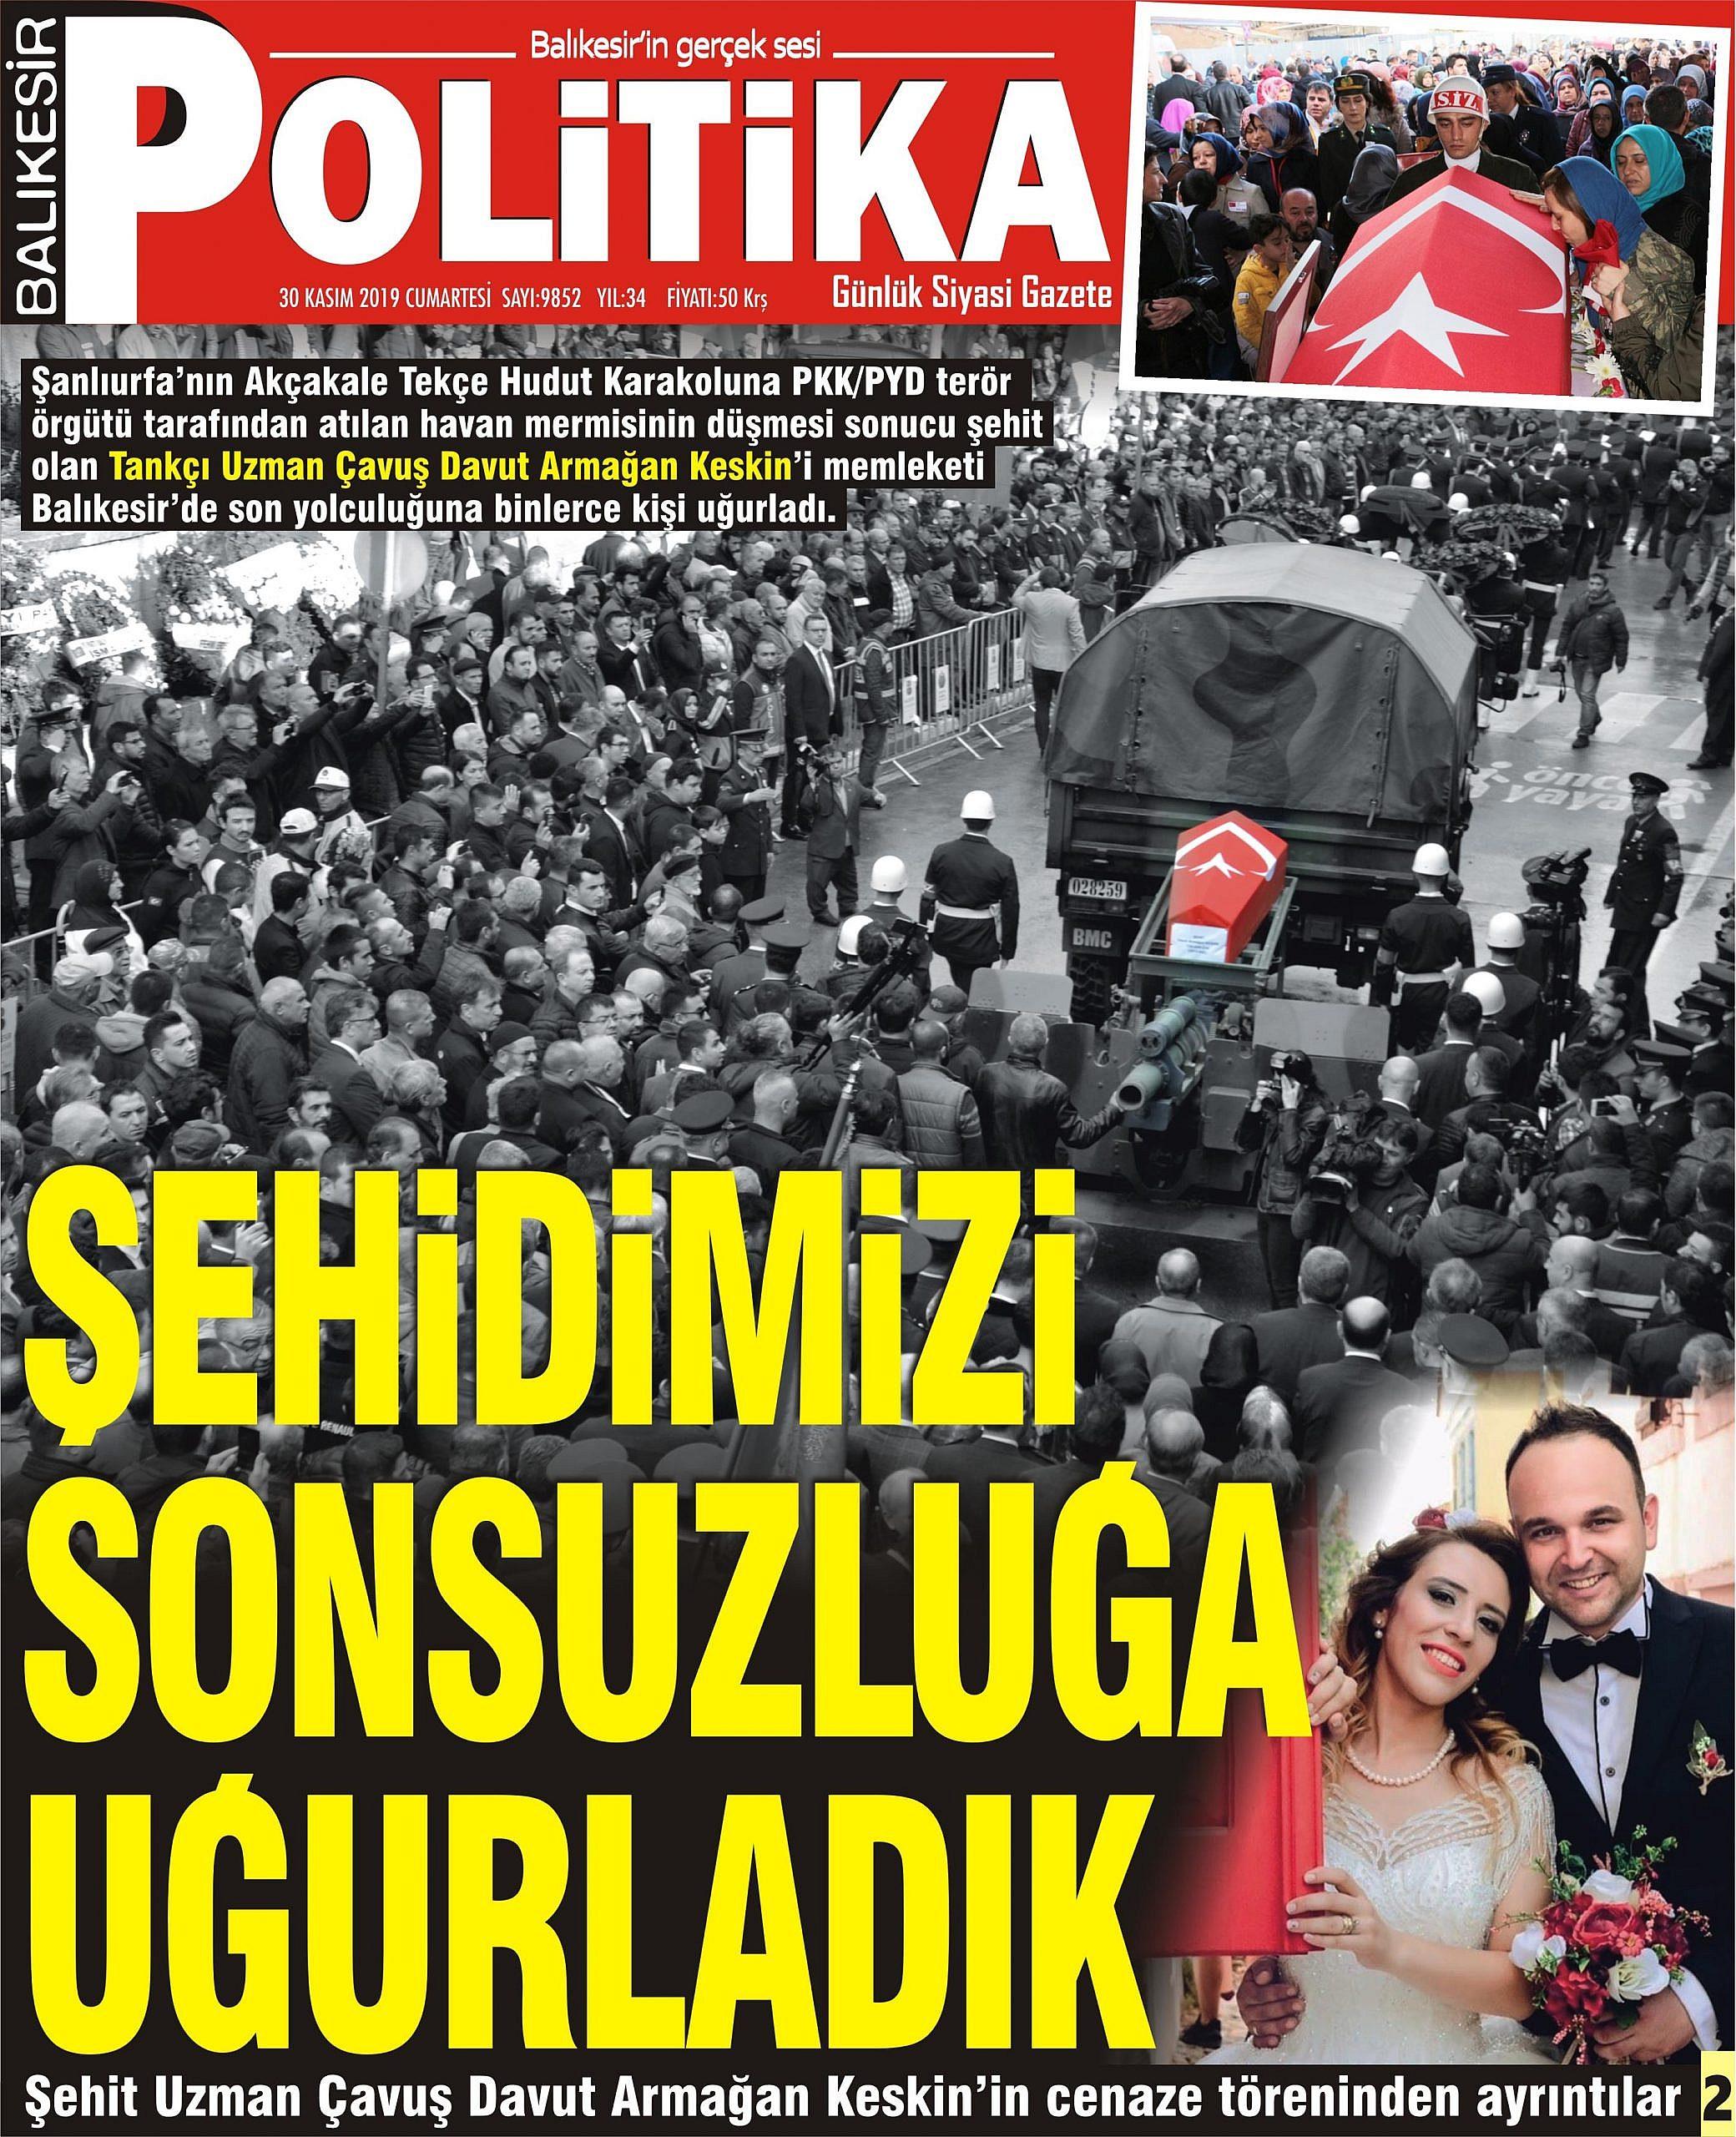 30 KASIM 2019 CUMARTESİ